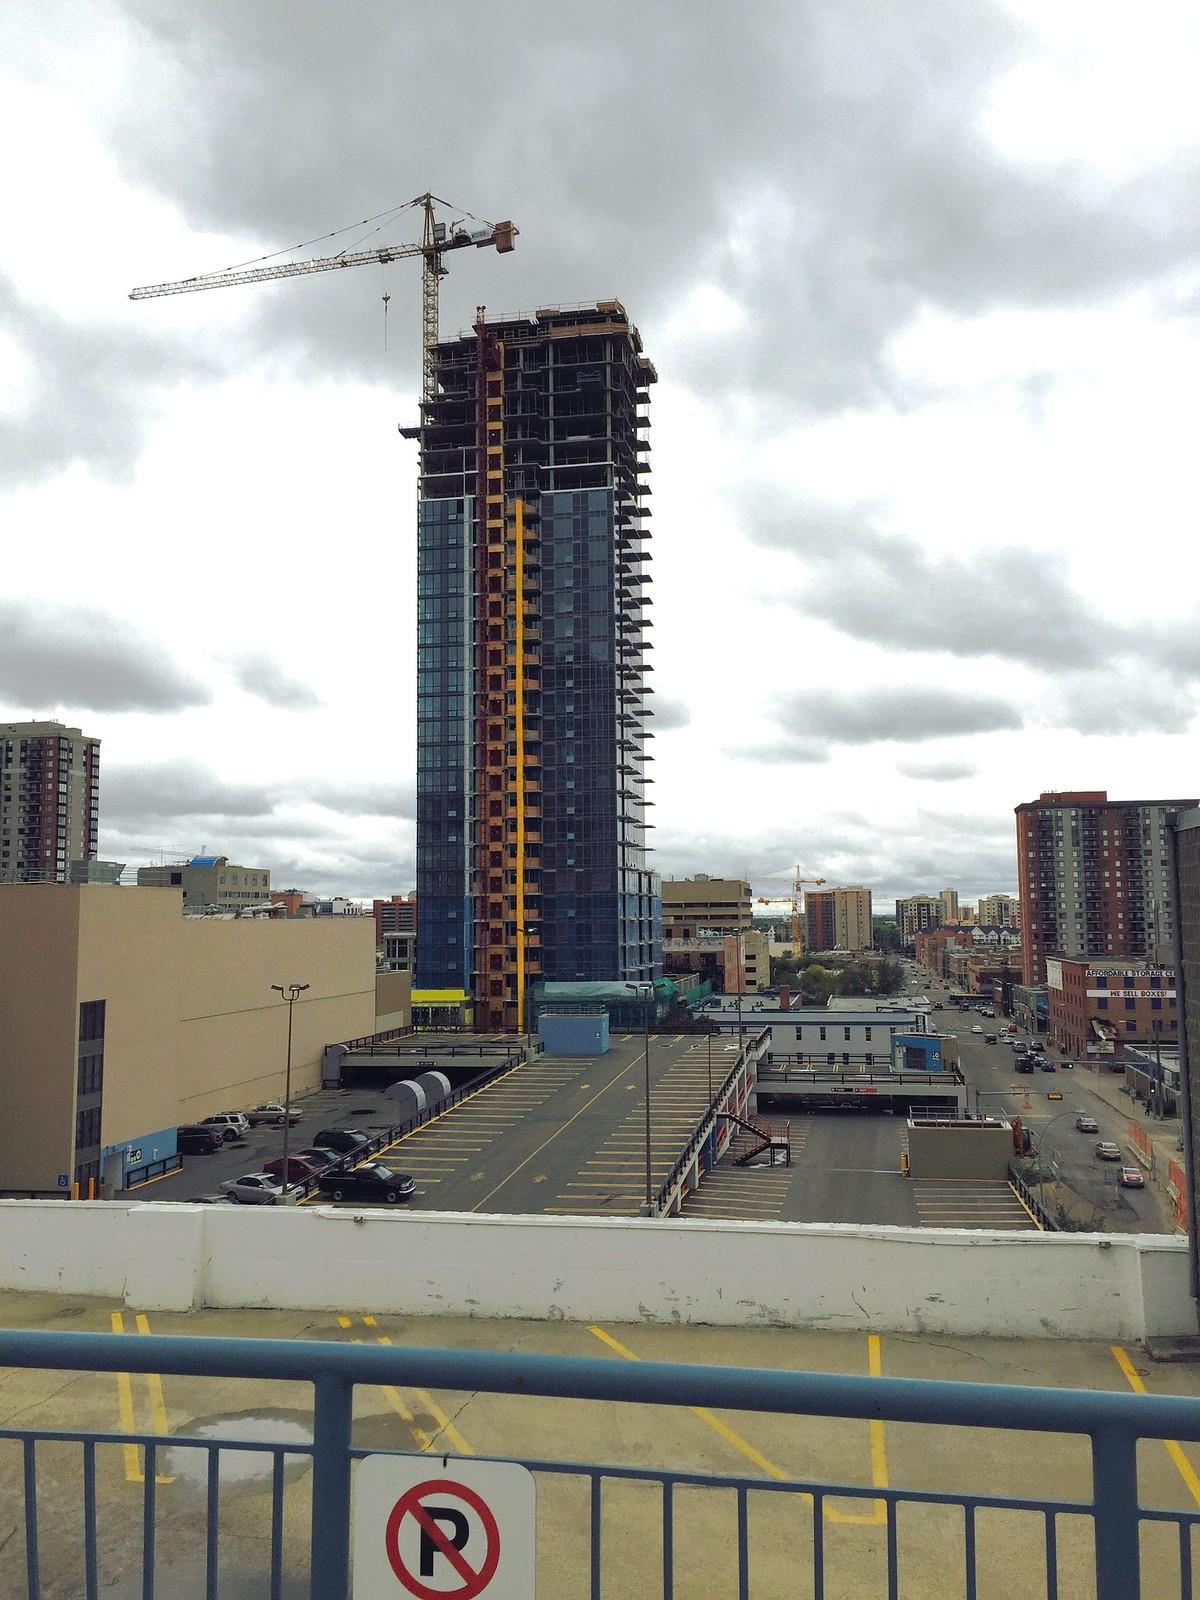 Edmonton: Large Downtown Edmonton Construction Photos By Me